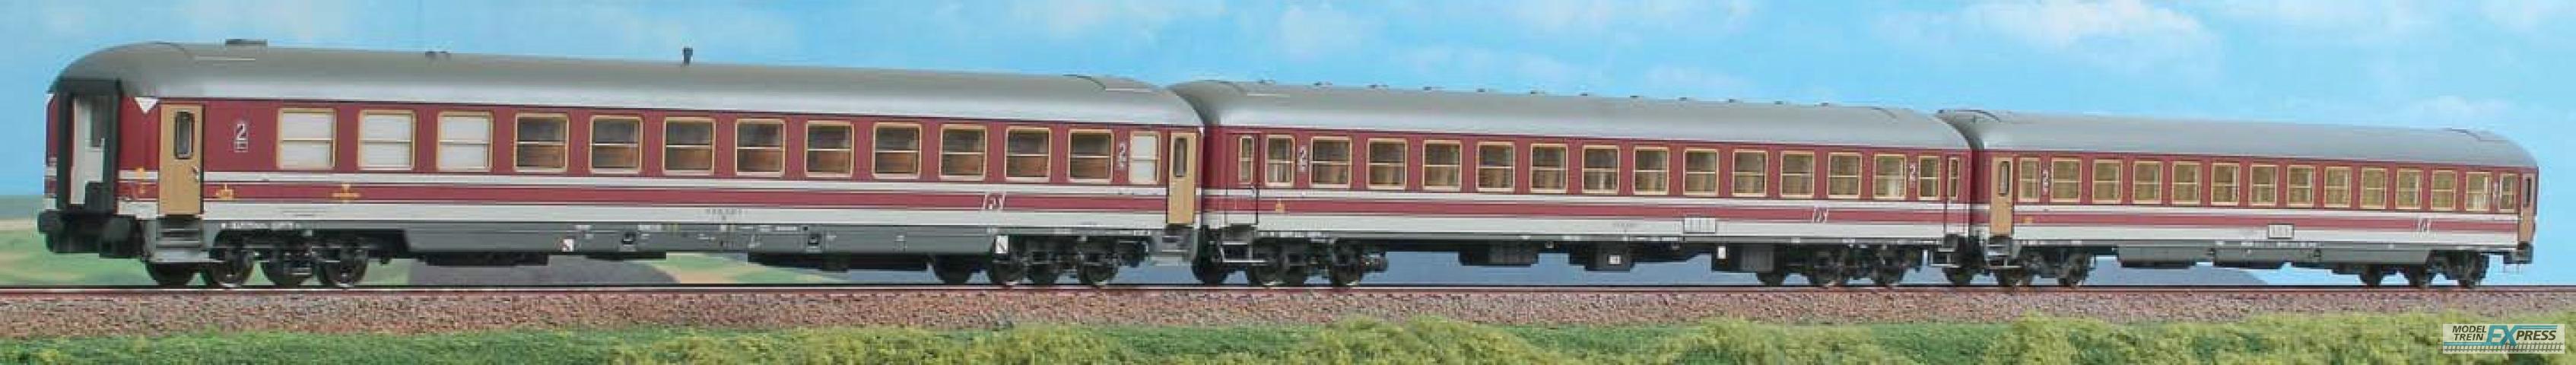 ACME 55252